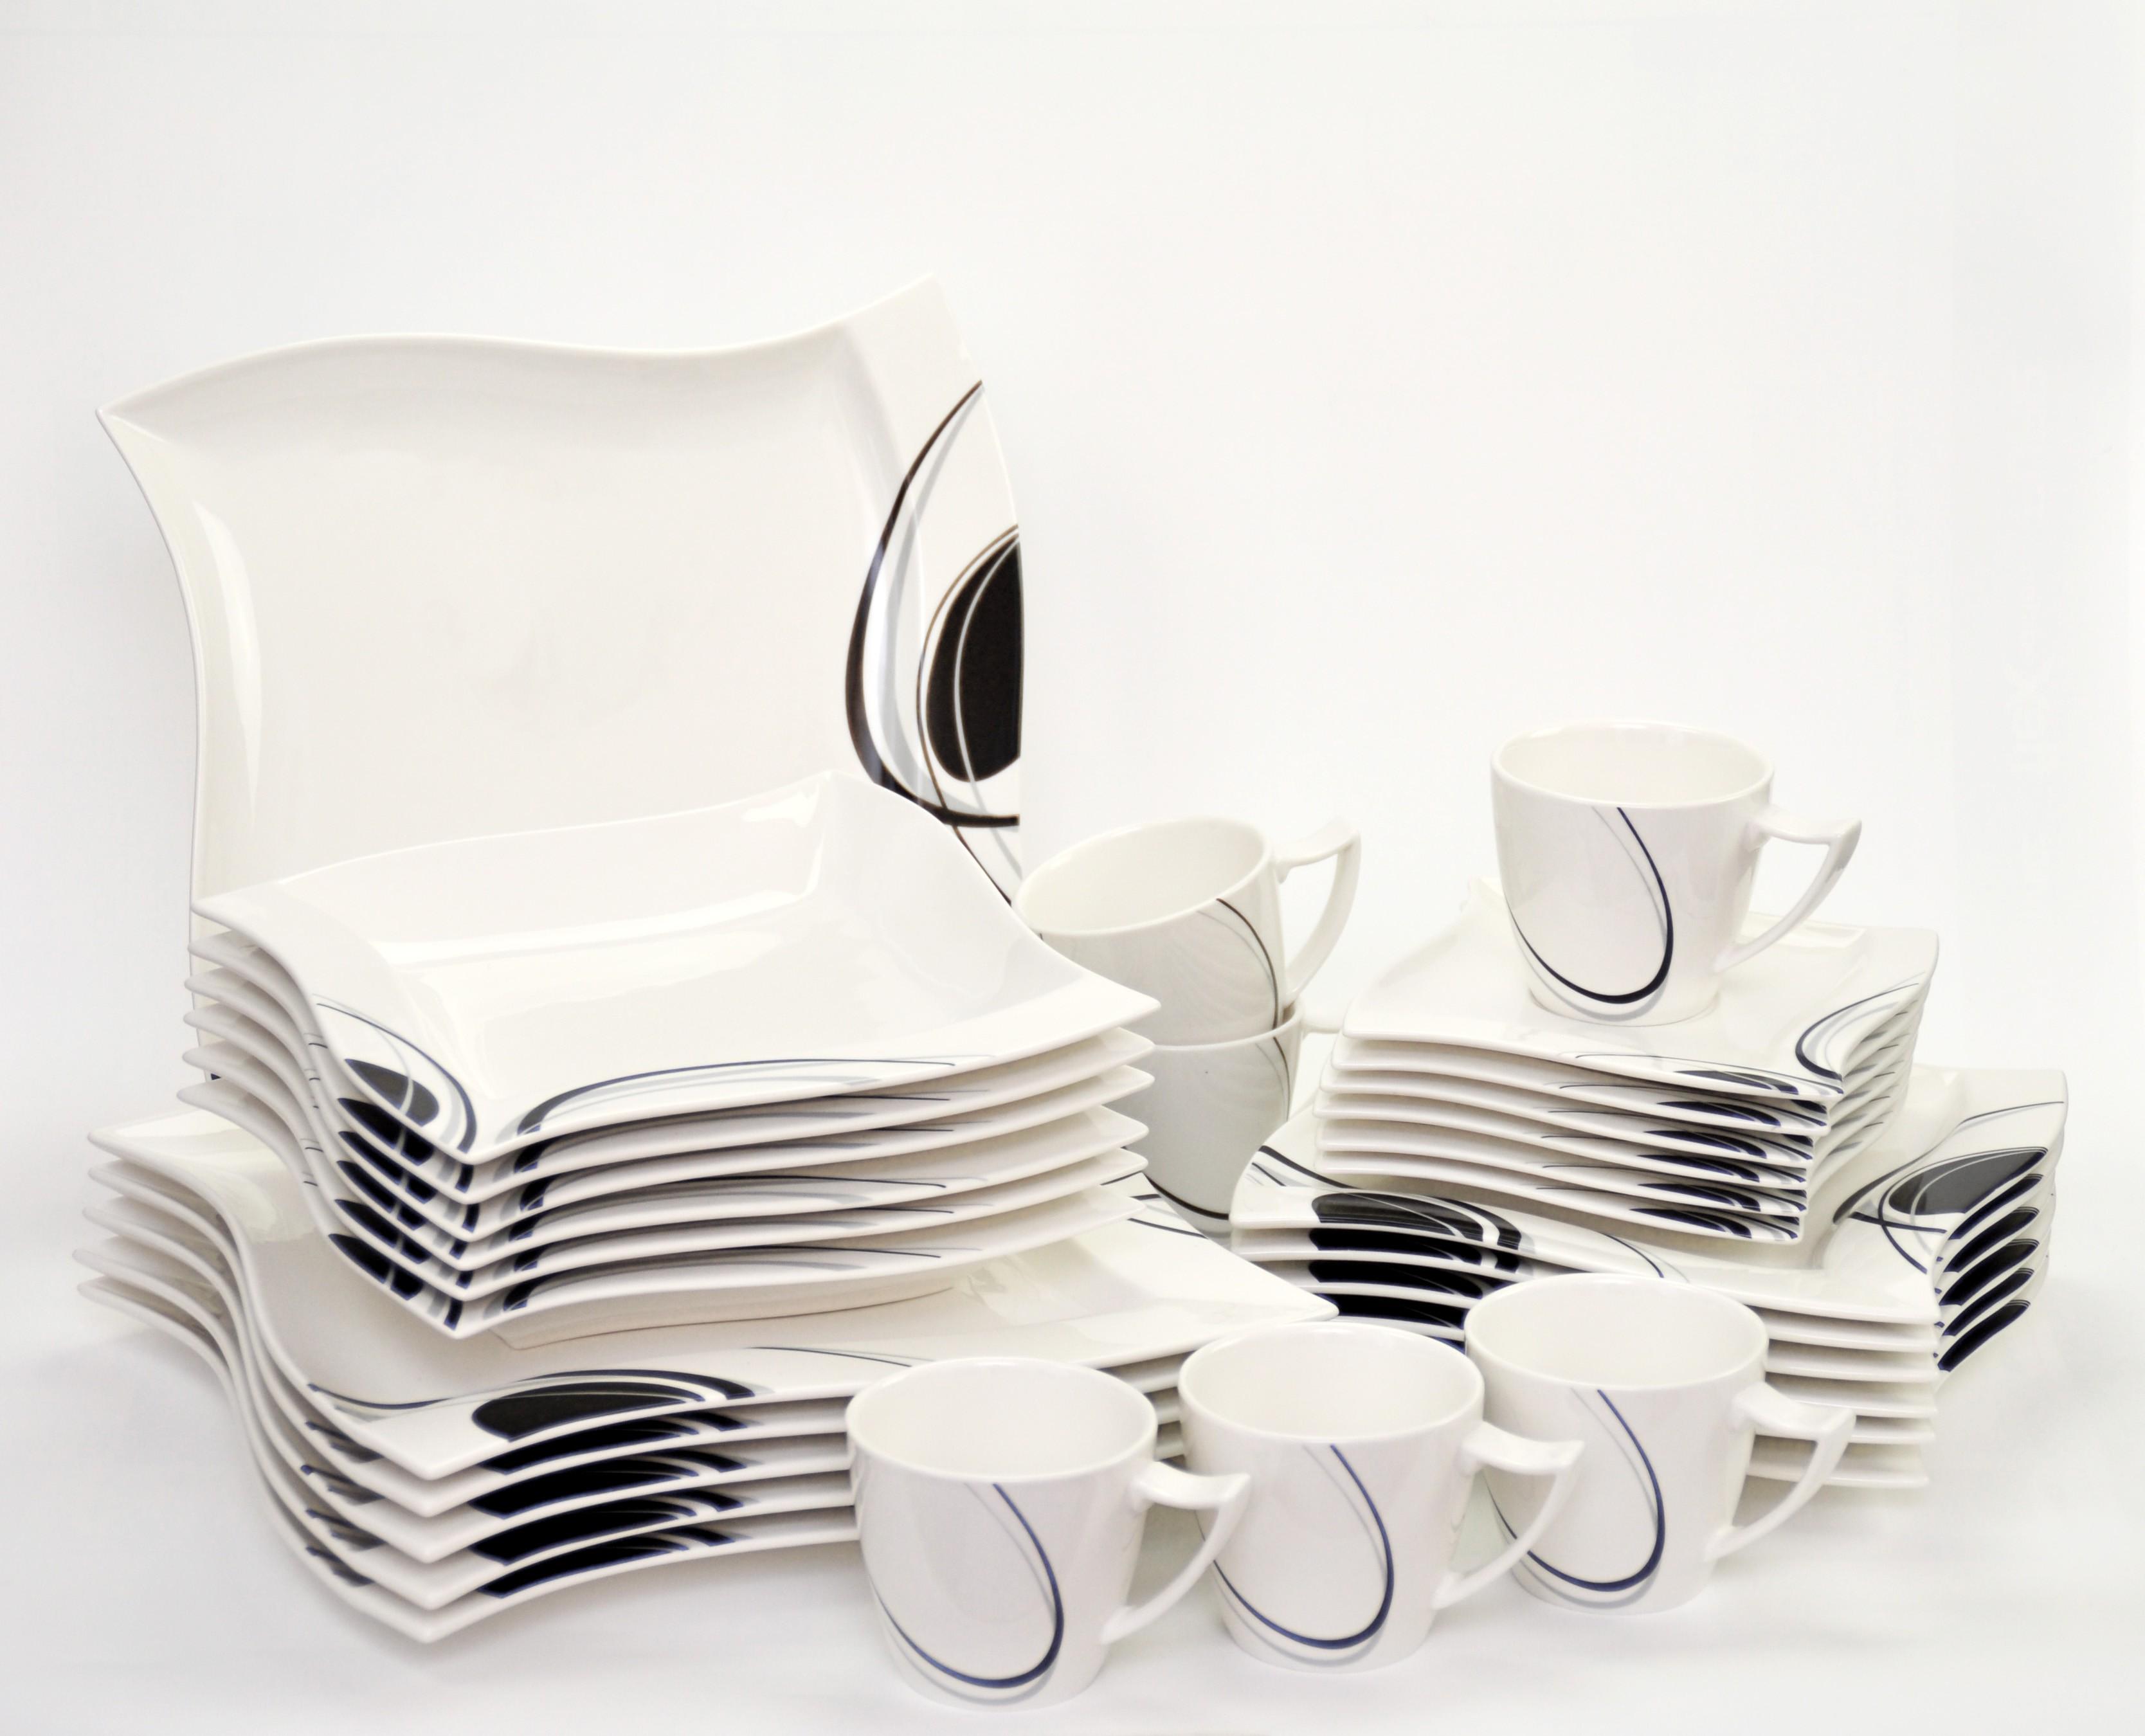 kombiservice scarlett 60 teilig eckig porzellan f r 12. Black Bedroom Furniture Sets. Home Design Ideas